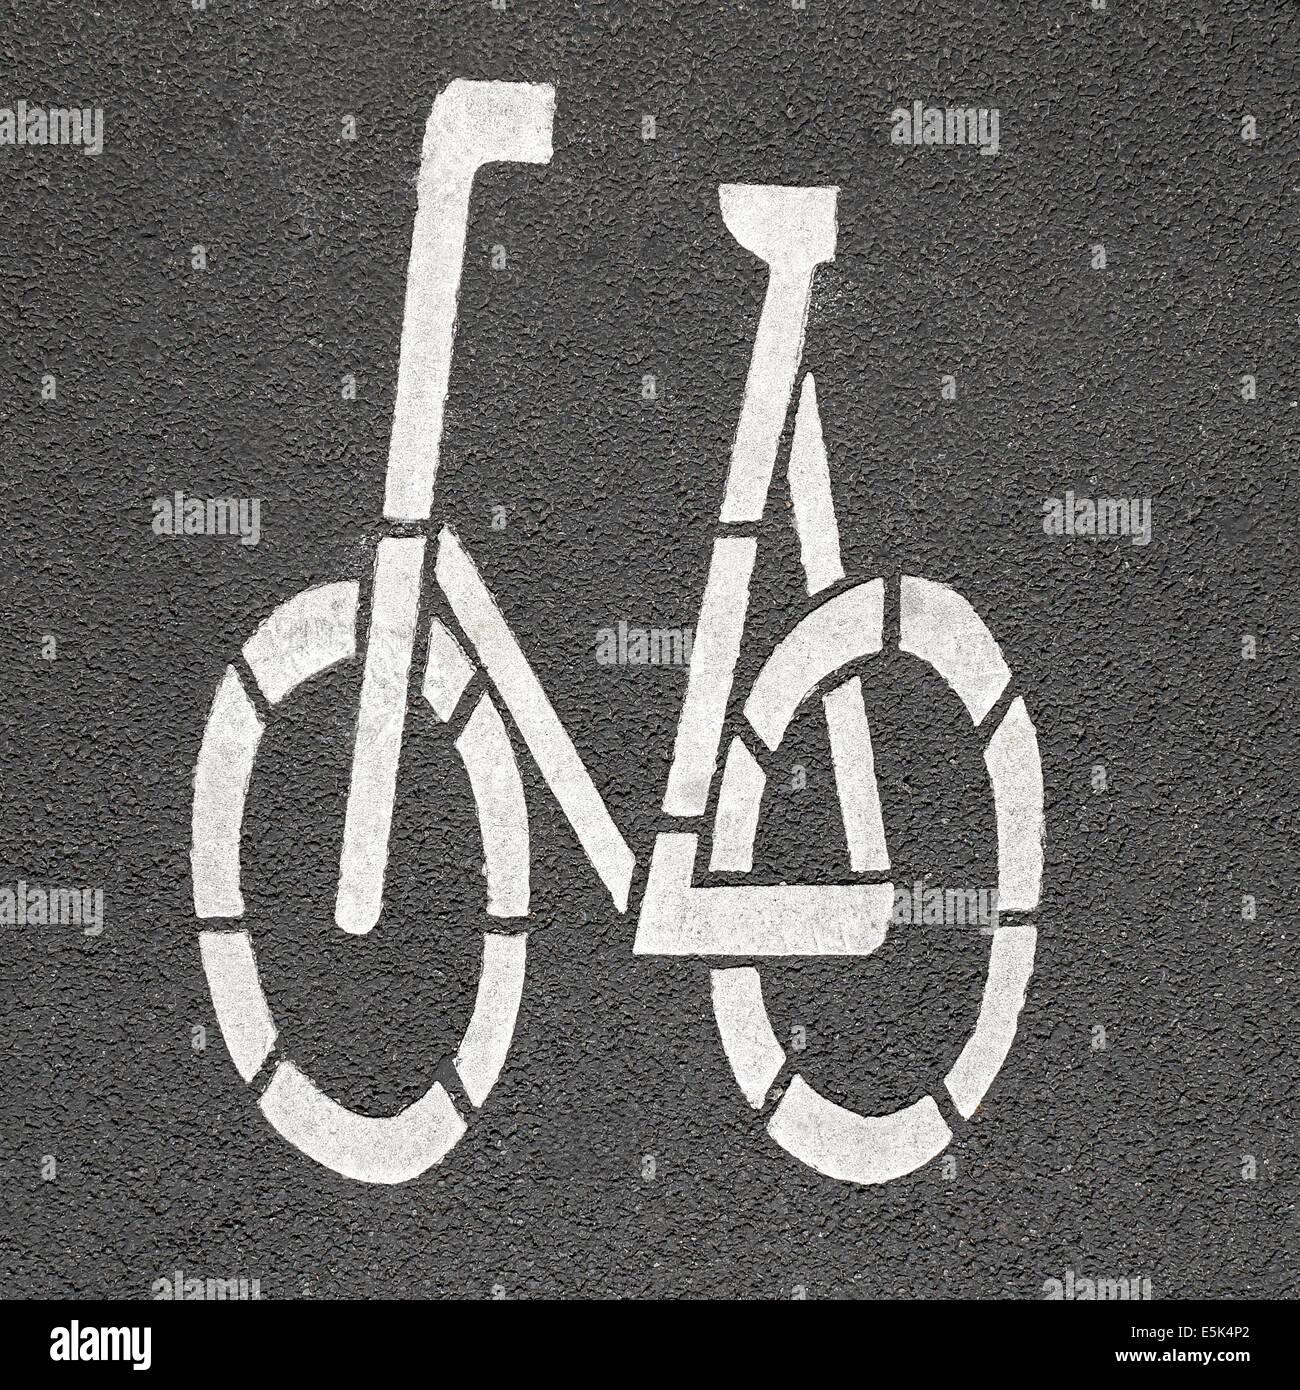 Fahrrad-Piktogramm auf Asphalt gemalt Stockbild